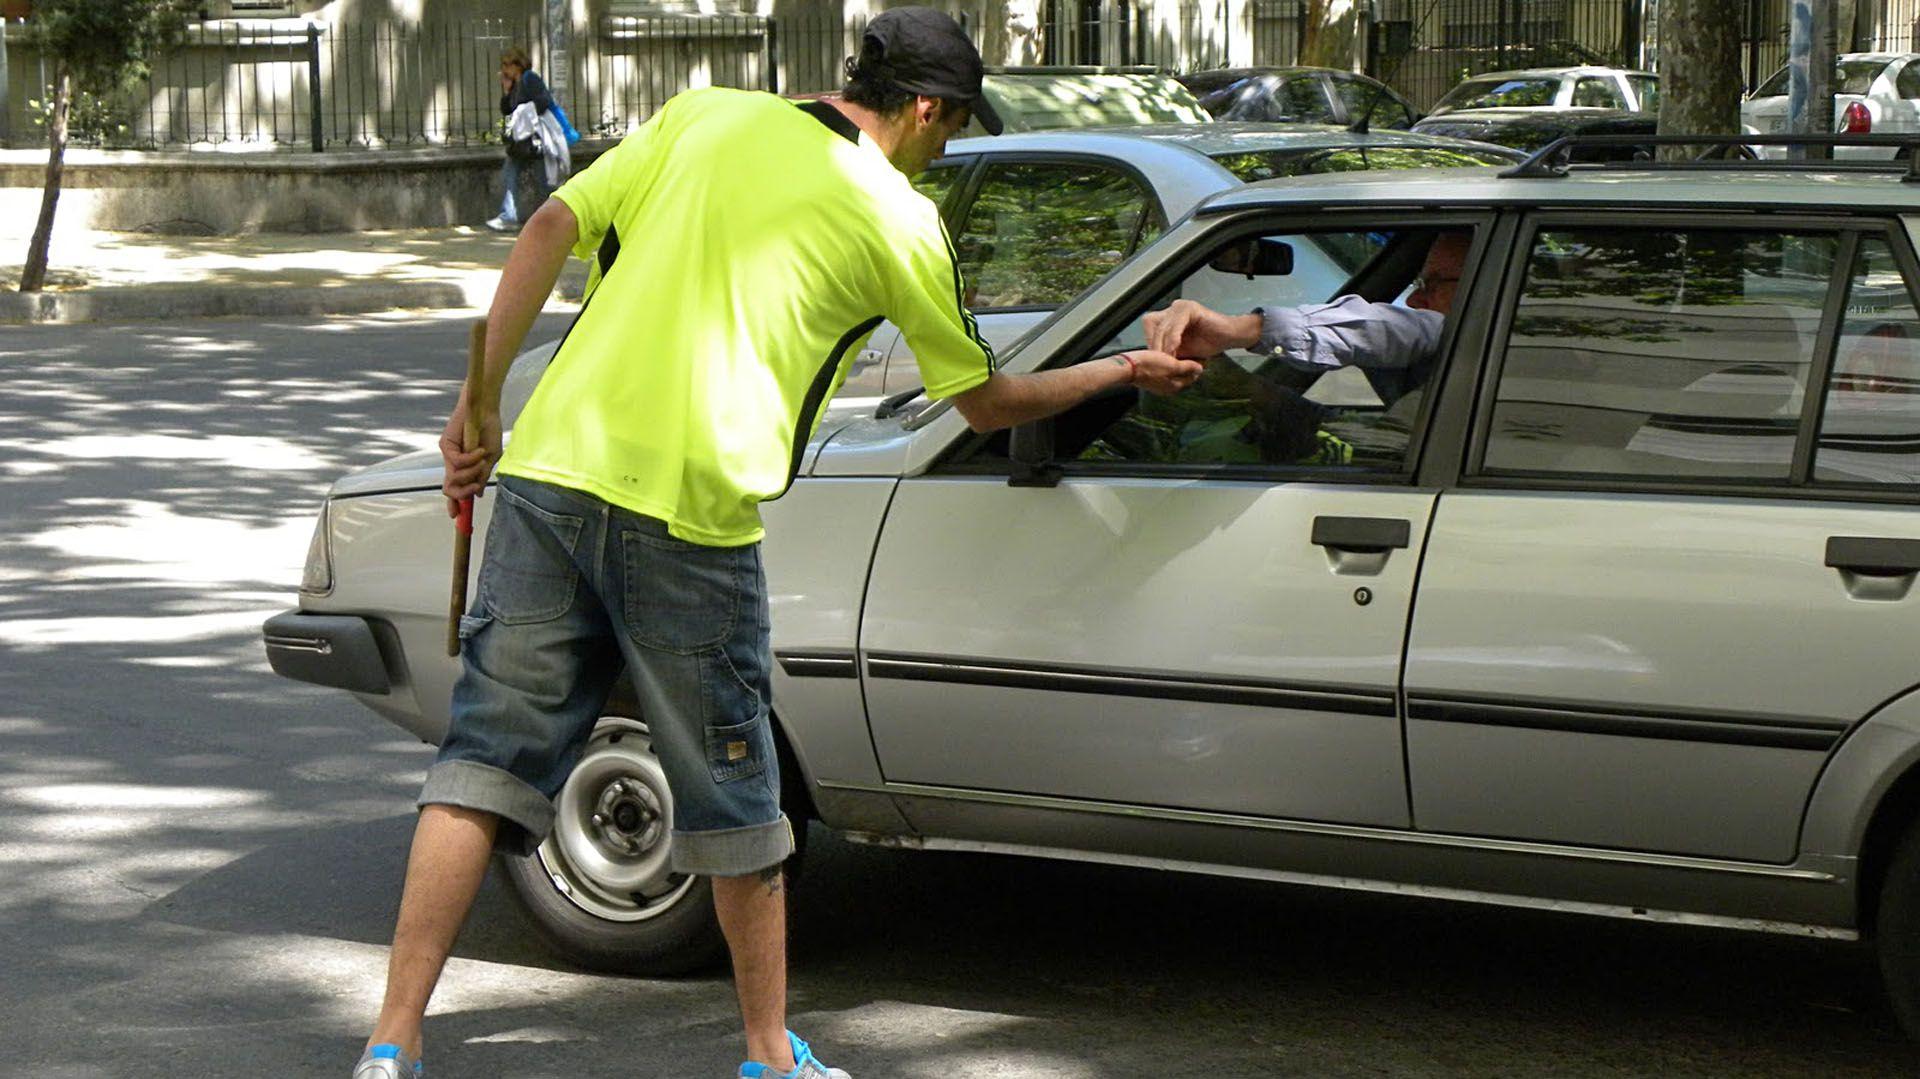 Según la encuesta de la UCA, el subempleo trepó de 9,7% en 2010 a 20,7% en 2019